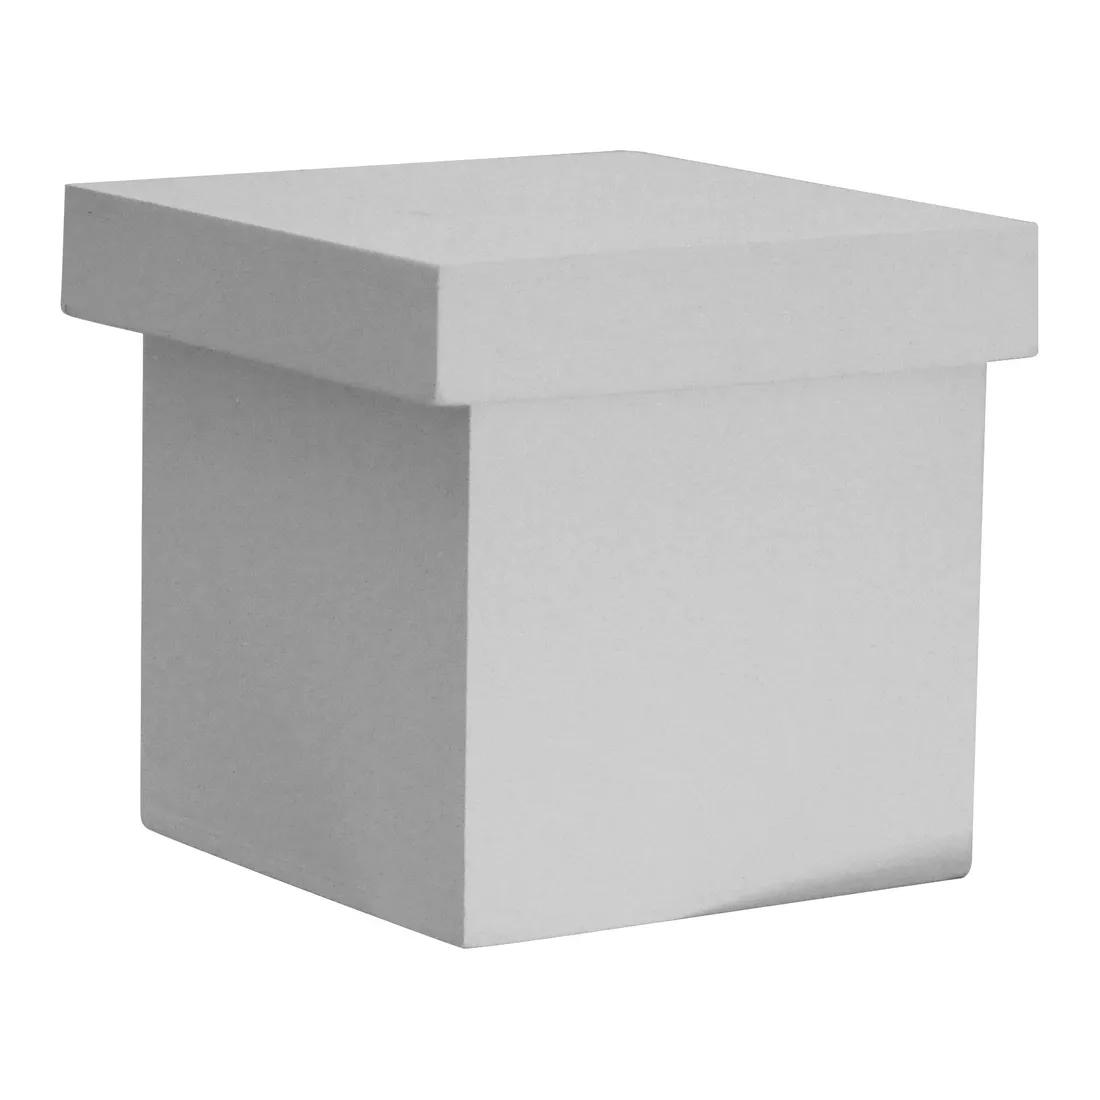 Caixa-Quadrada-Tampa-Sapato-8x8x8-Mdf-Madeira-Pintado2